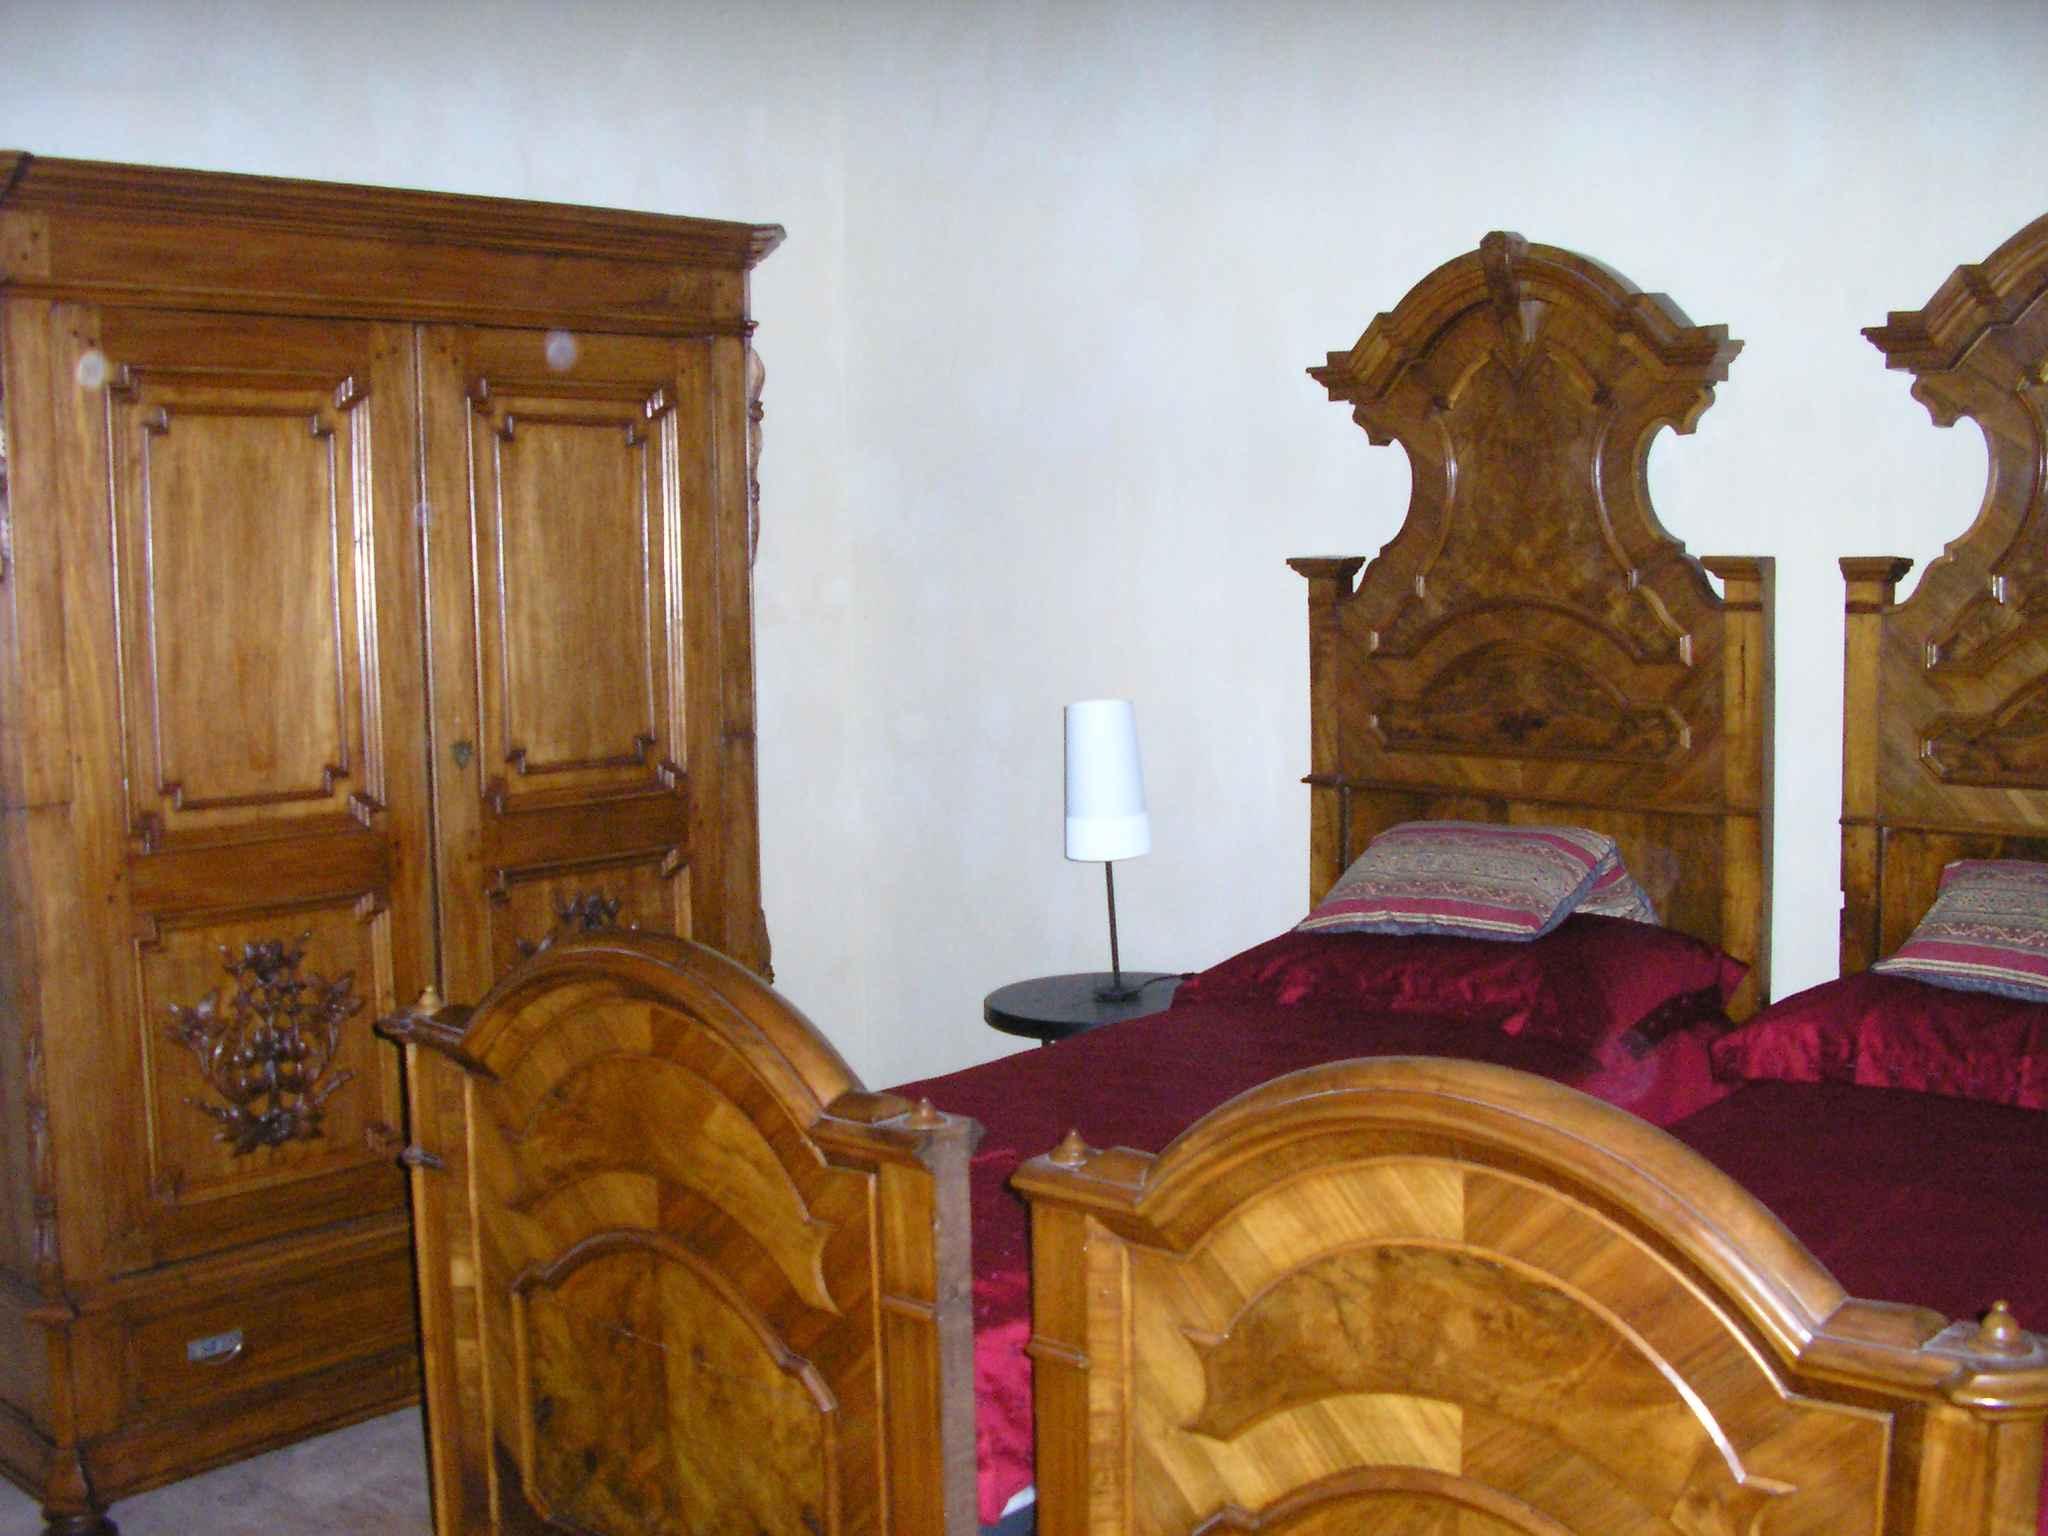 Ferienwohnung mit antiken Möbeln (308921), Portacomaro, Asti, Piemont, Italien, Bild 9